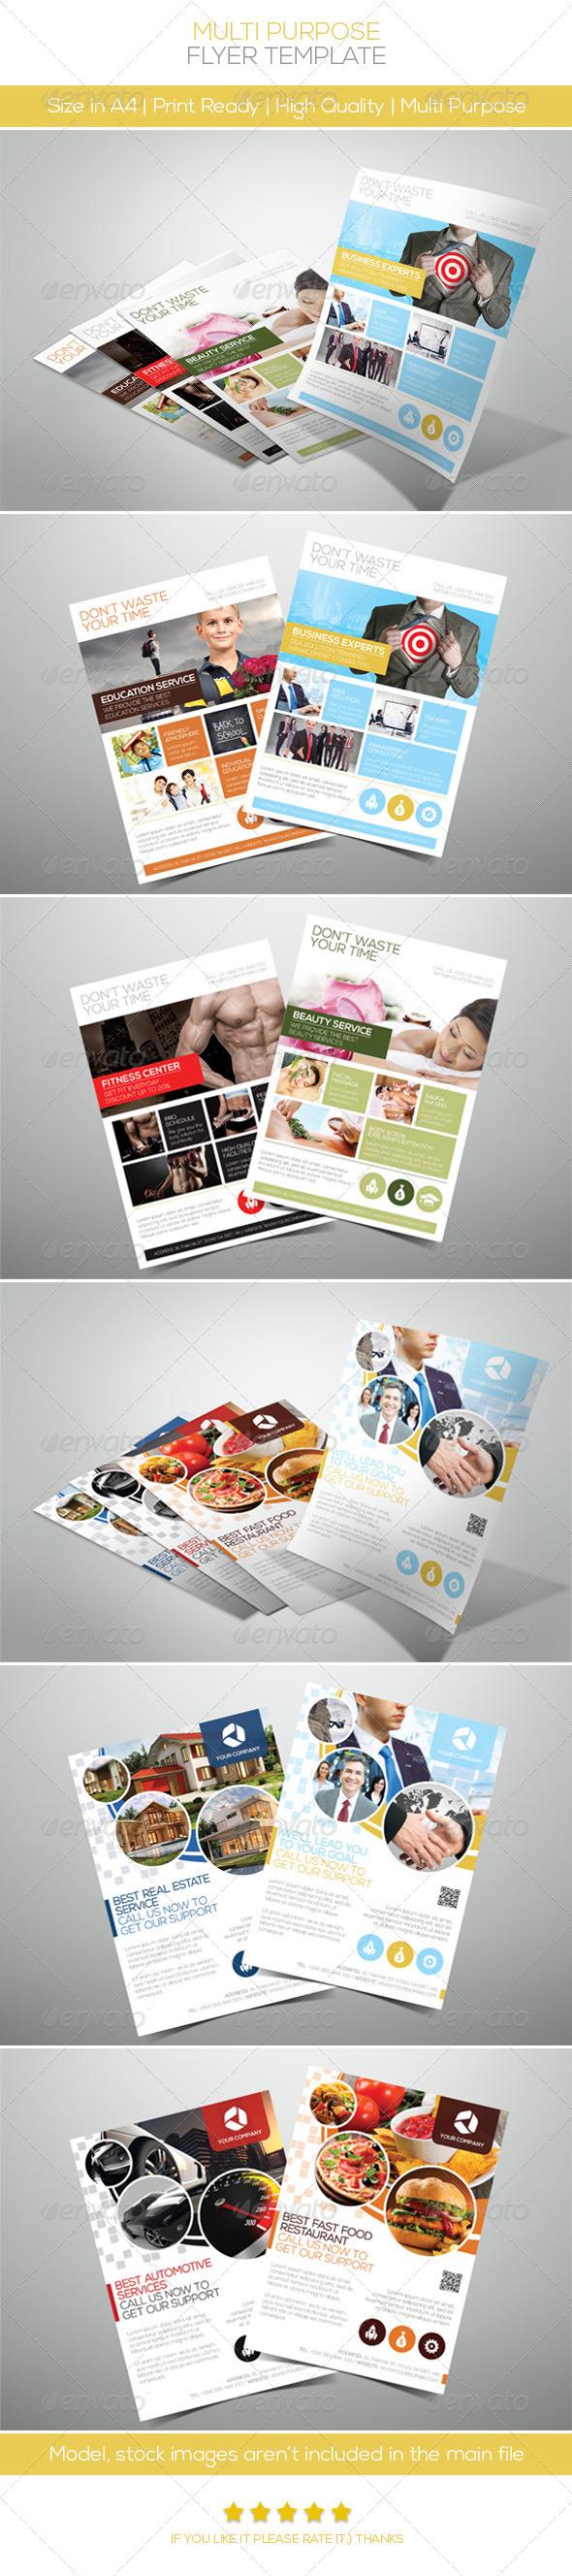 GraphicRiver Multi Purpose Flyer 4681098